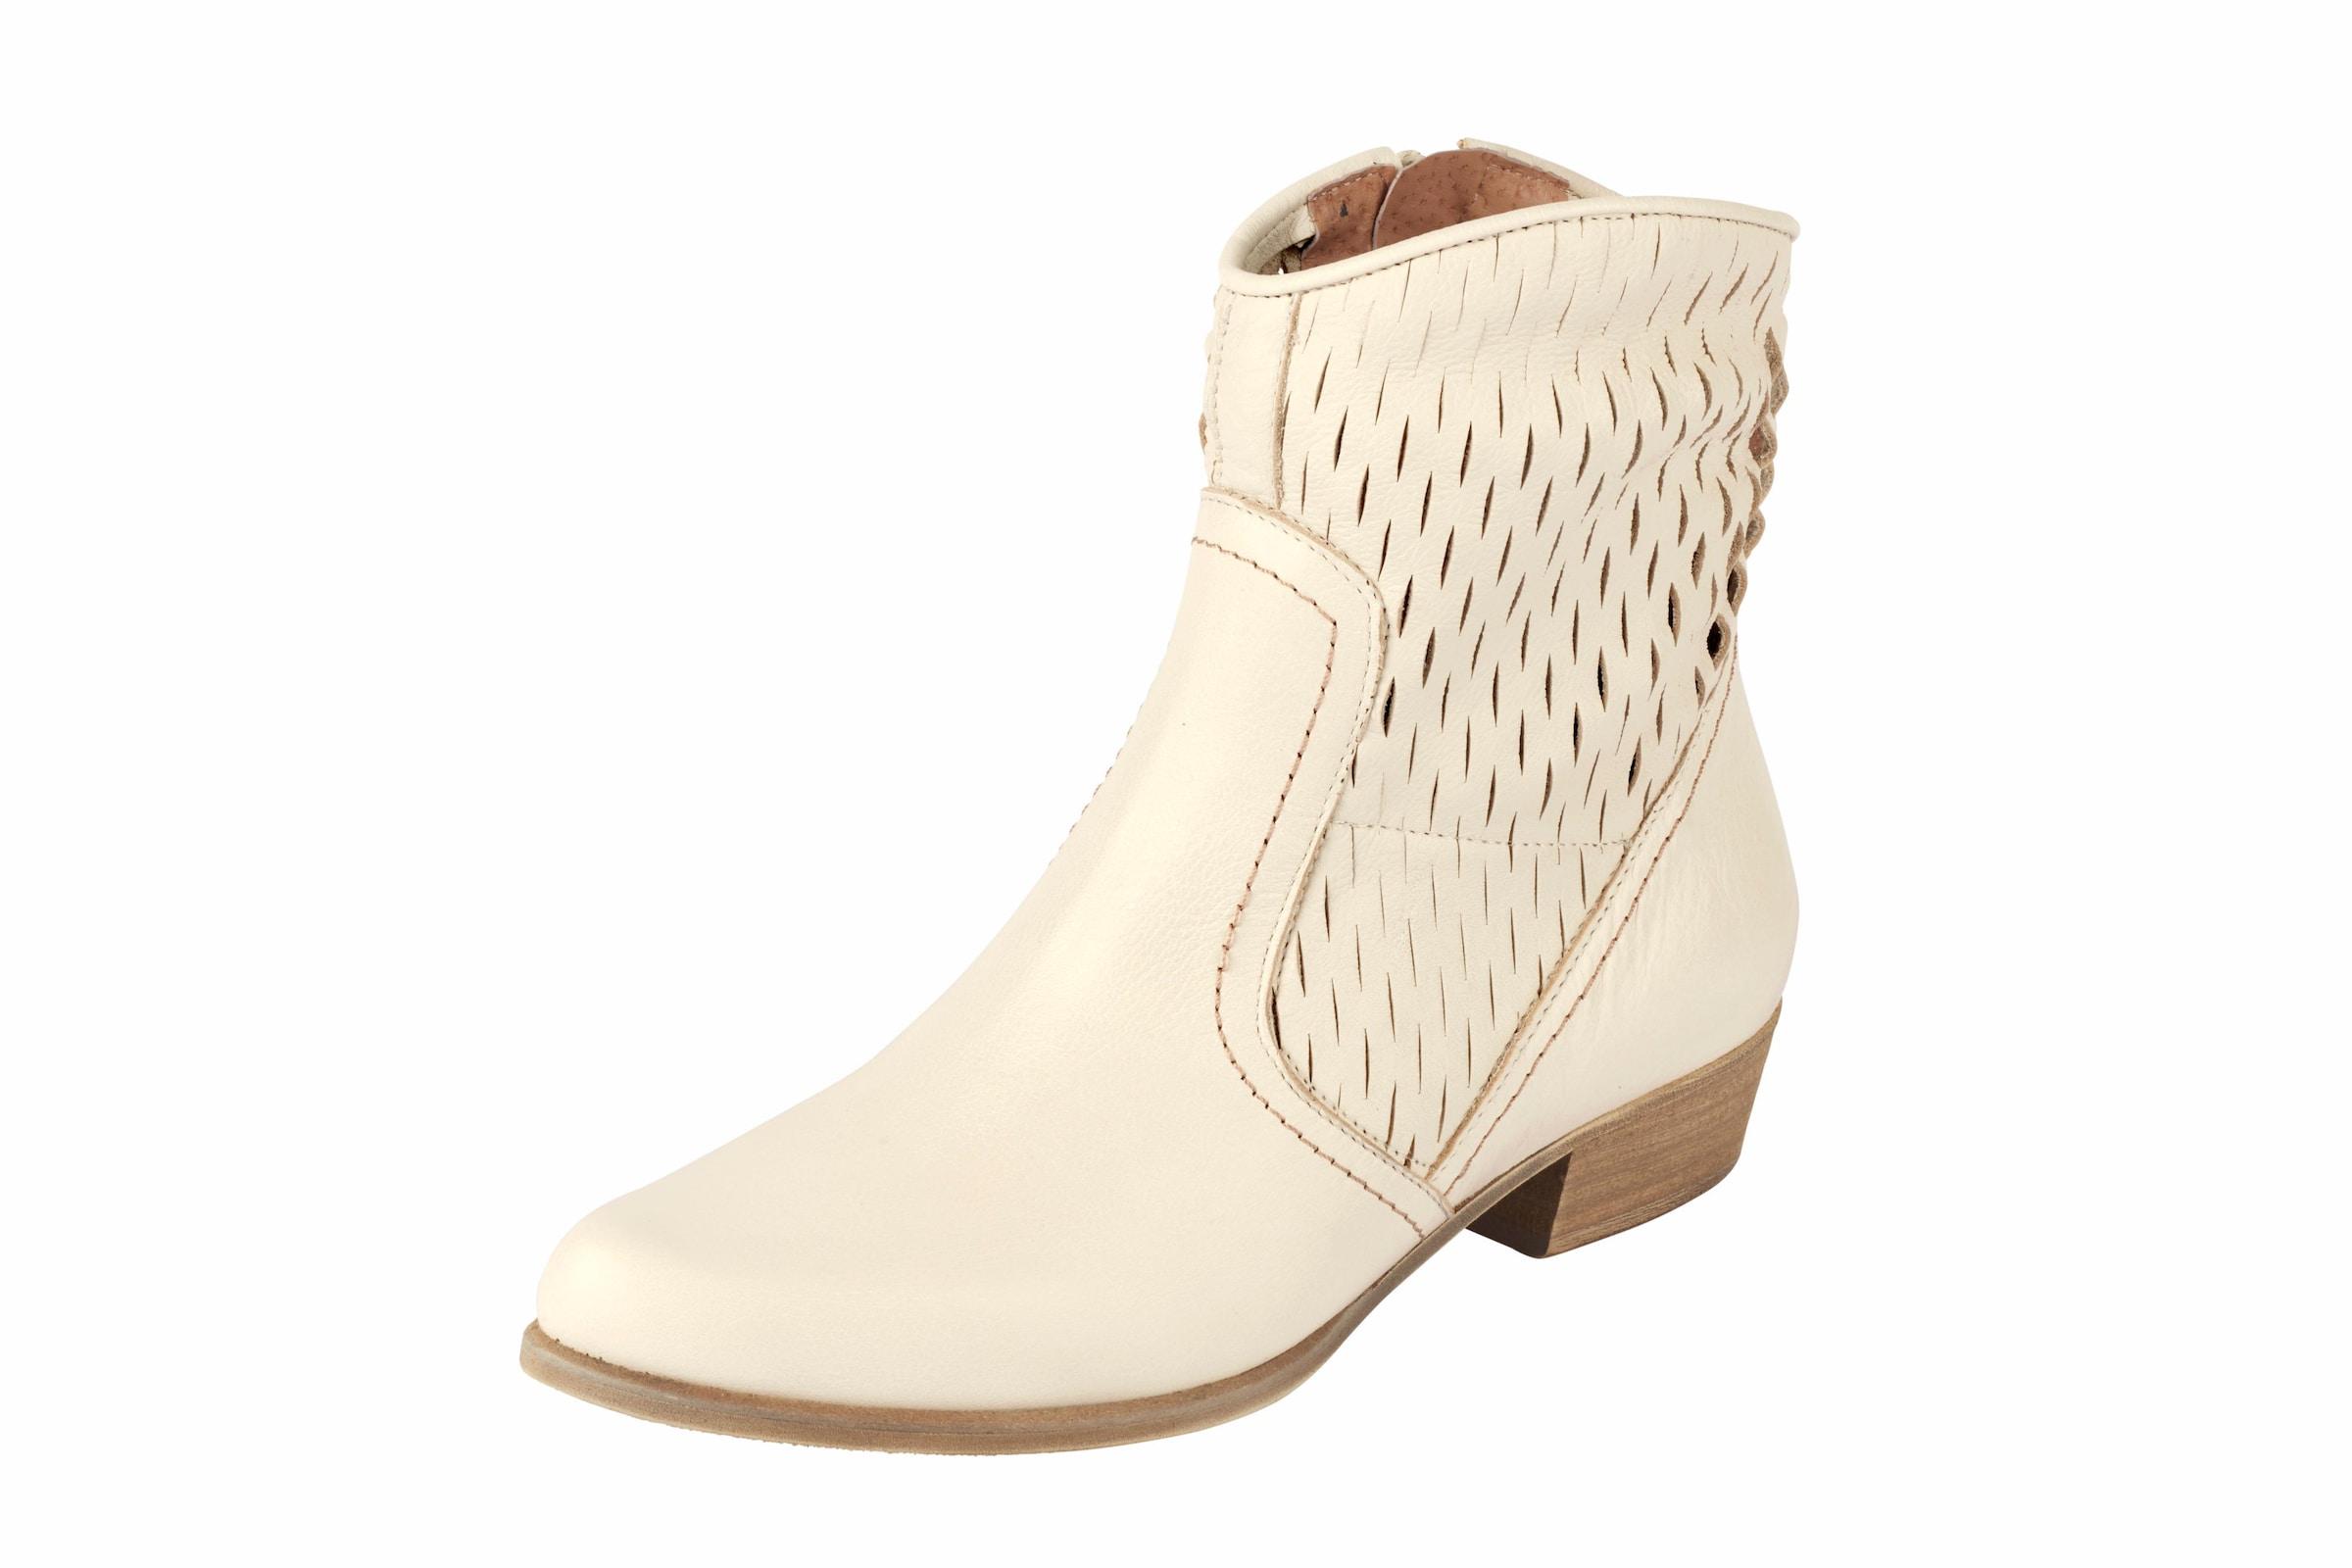 heine Stiefelette mit Cut-Dessin Verschleißfeste billige Schuhe